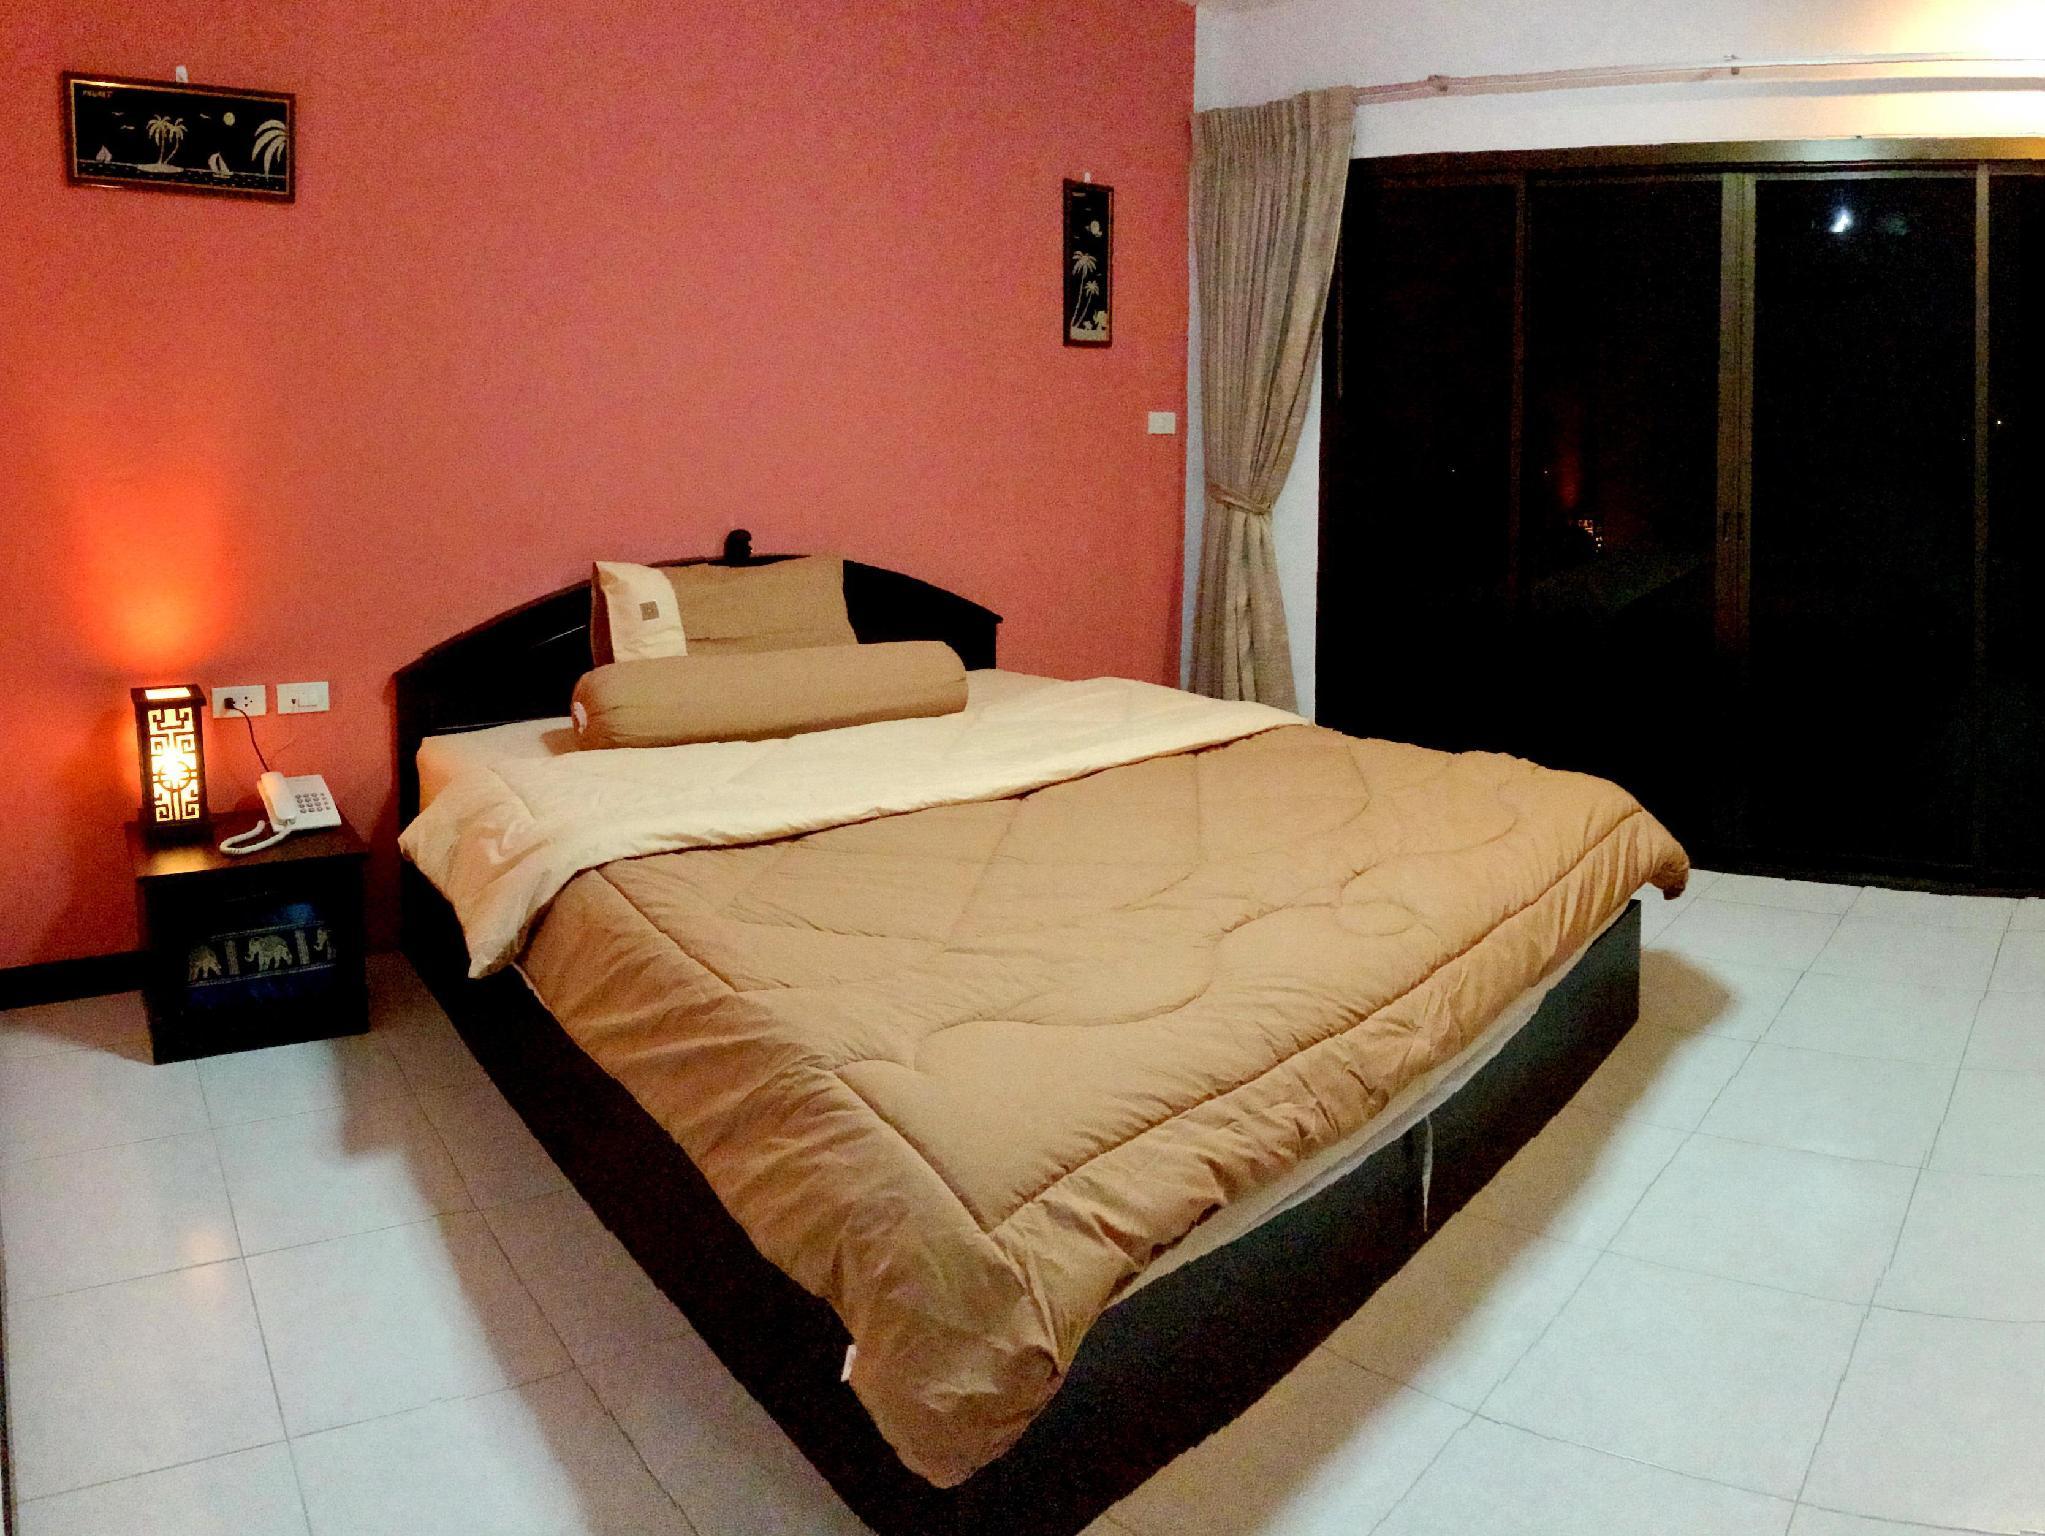 Hotell Patong Residence Hotel i Patong, Phuket. Klicka för att läsa mer och skicka bokningsförfrågan